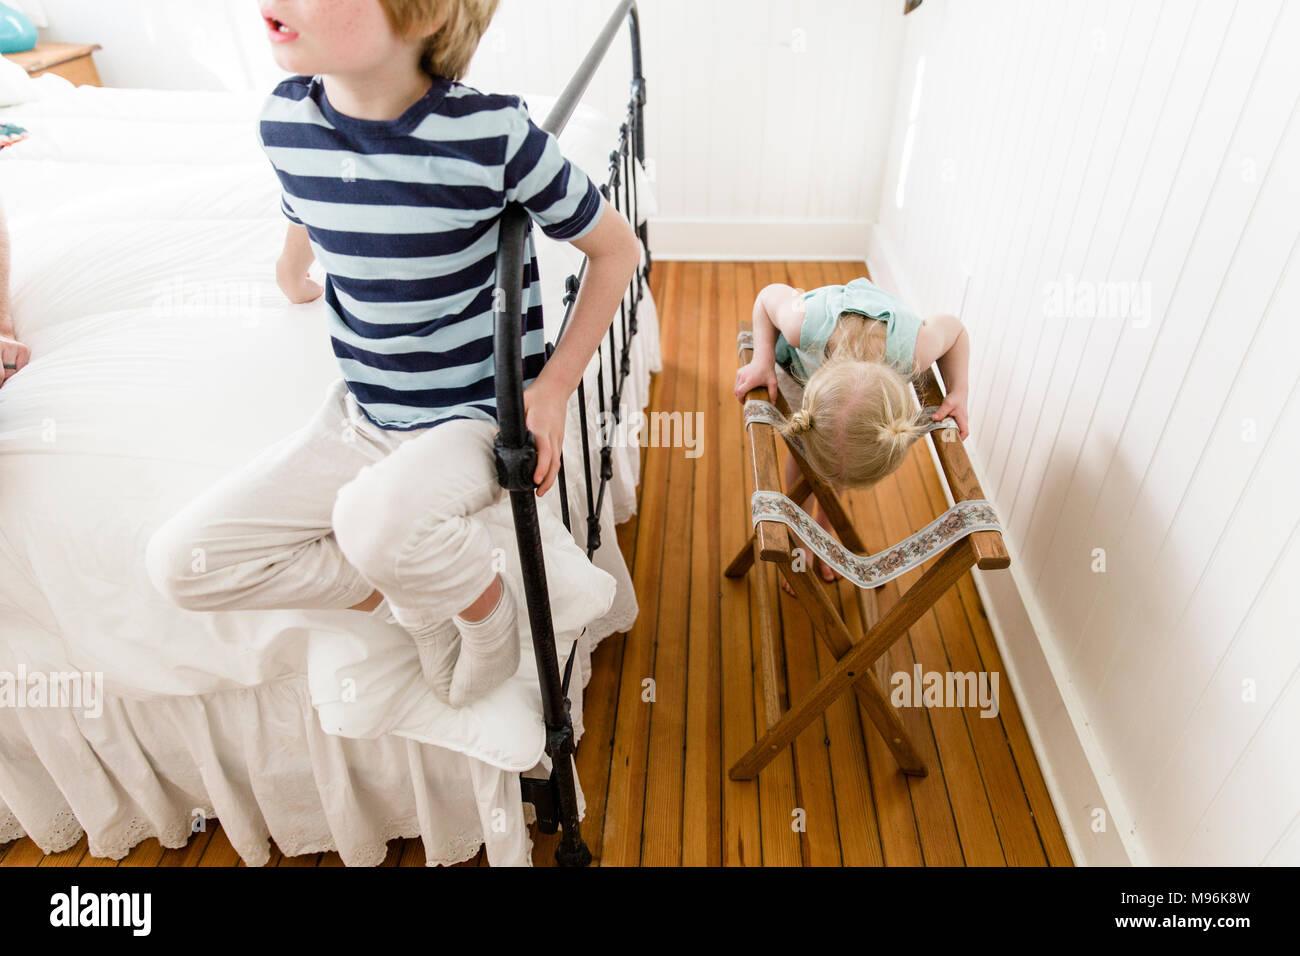 Mädchen schauen durch Klappstuhl mit Junge auf dem Bett neben ihr Stockbild